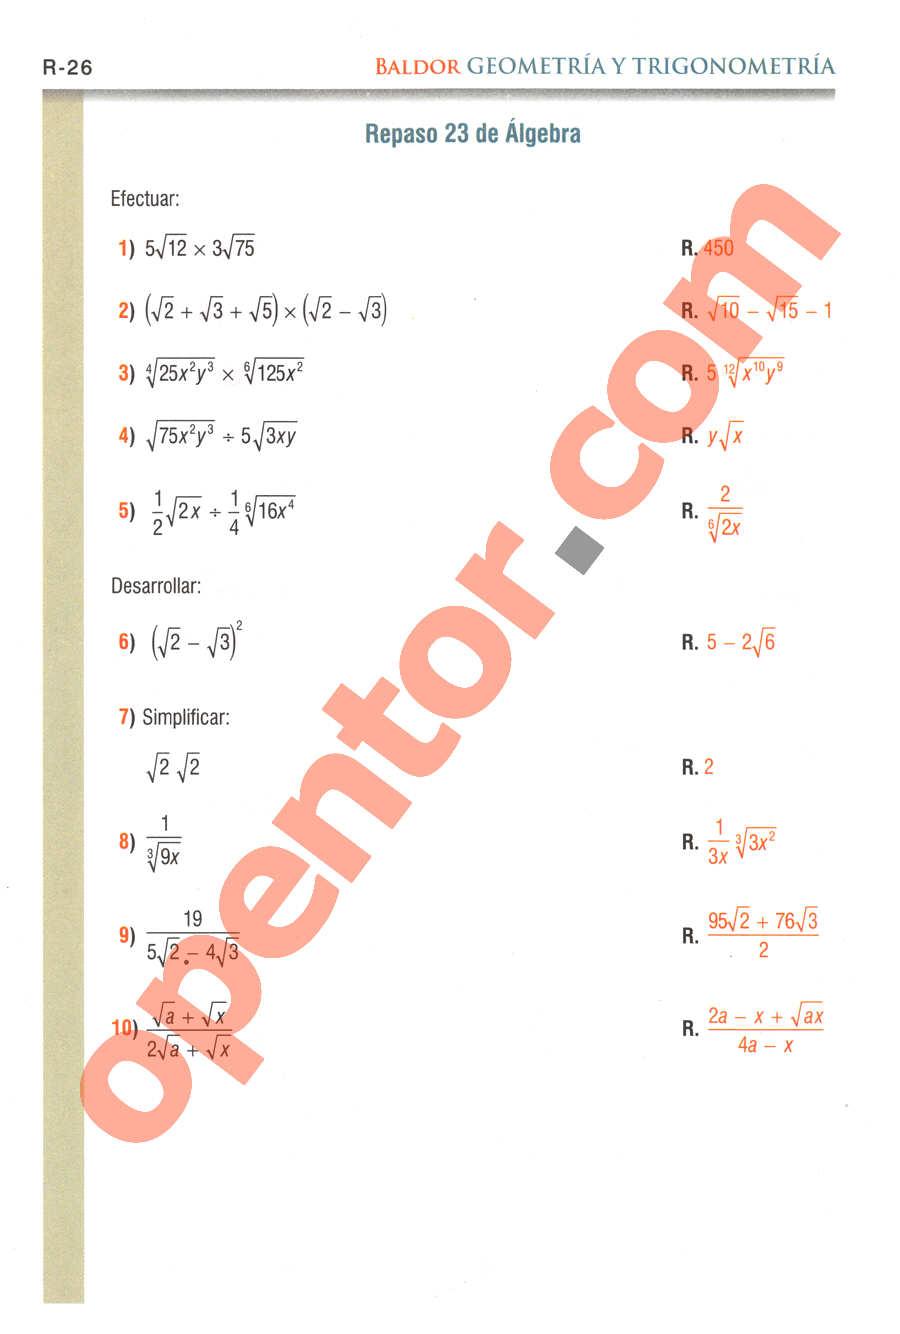 Geometría y Trigonometría de Baldor - Página R26